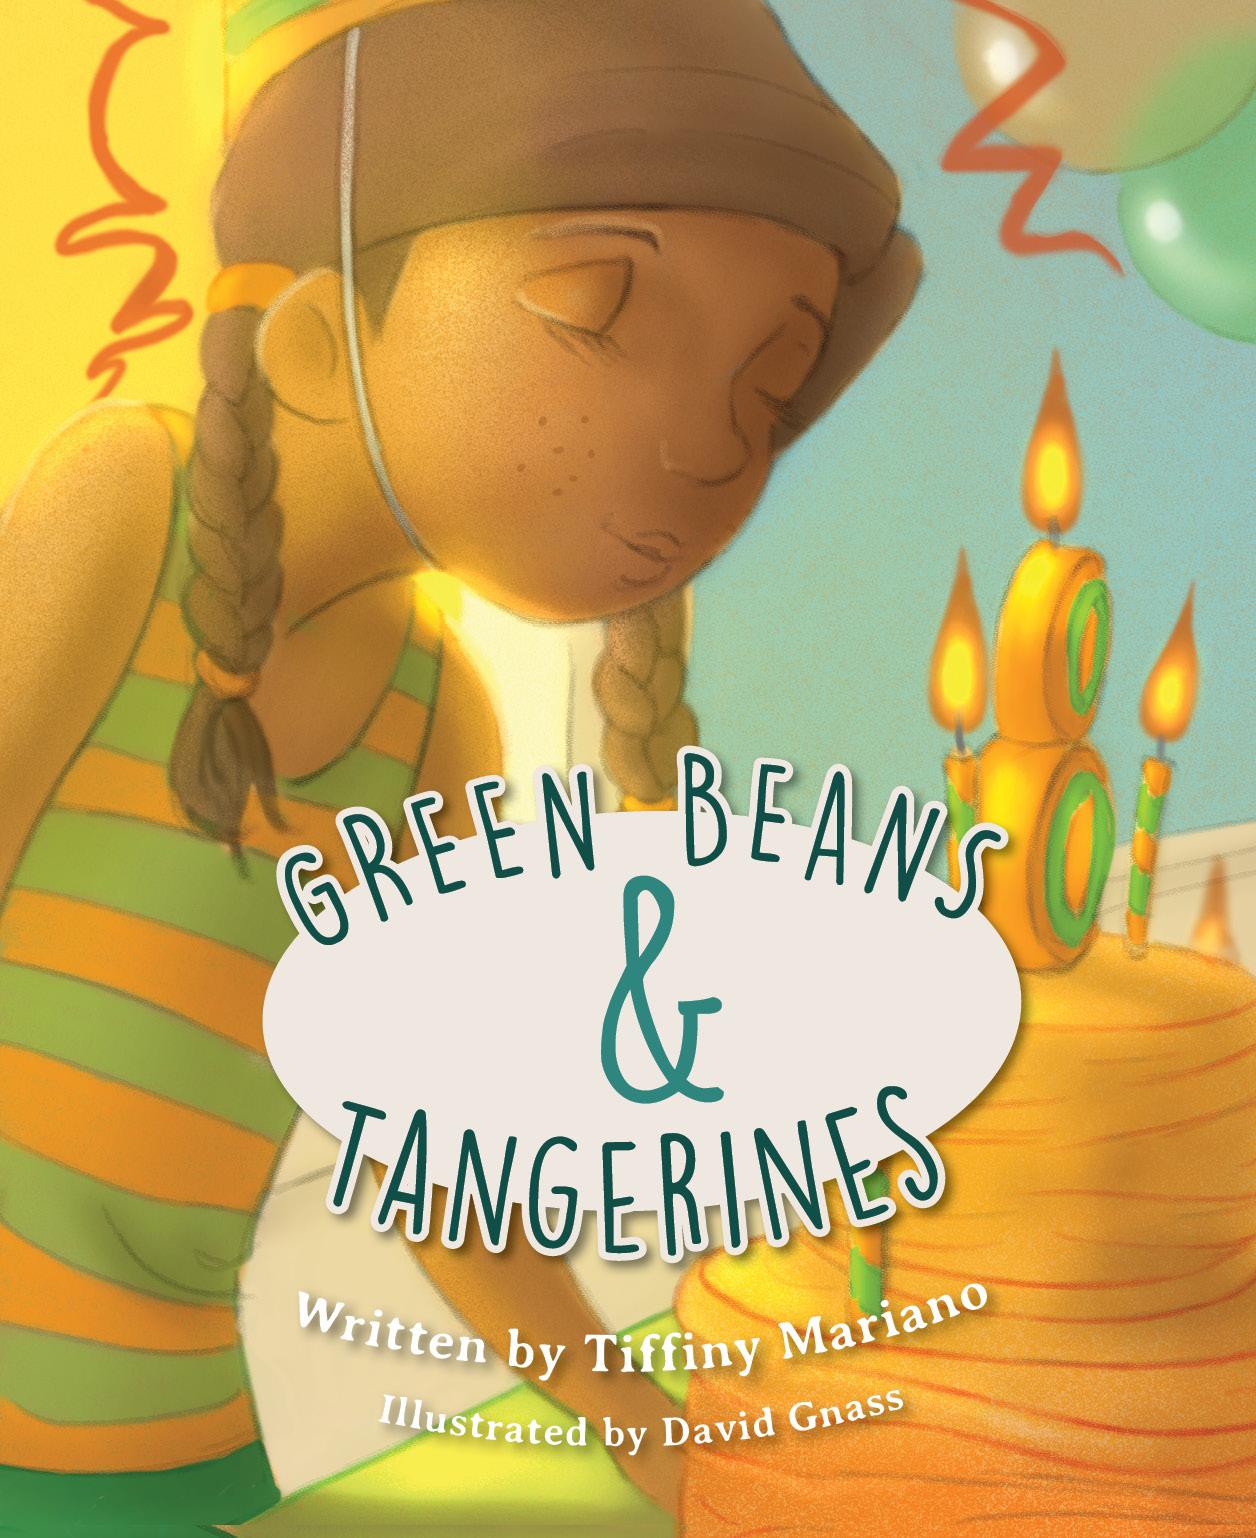 GreenBeansTangerines_Amazon